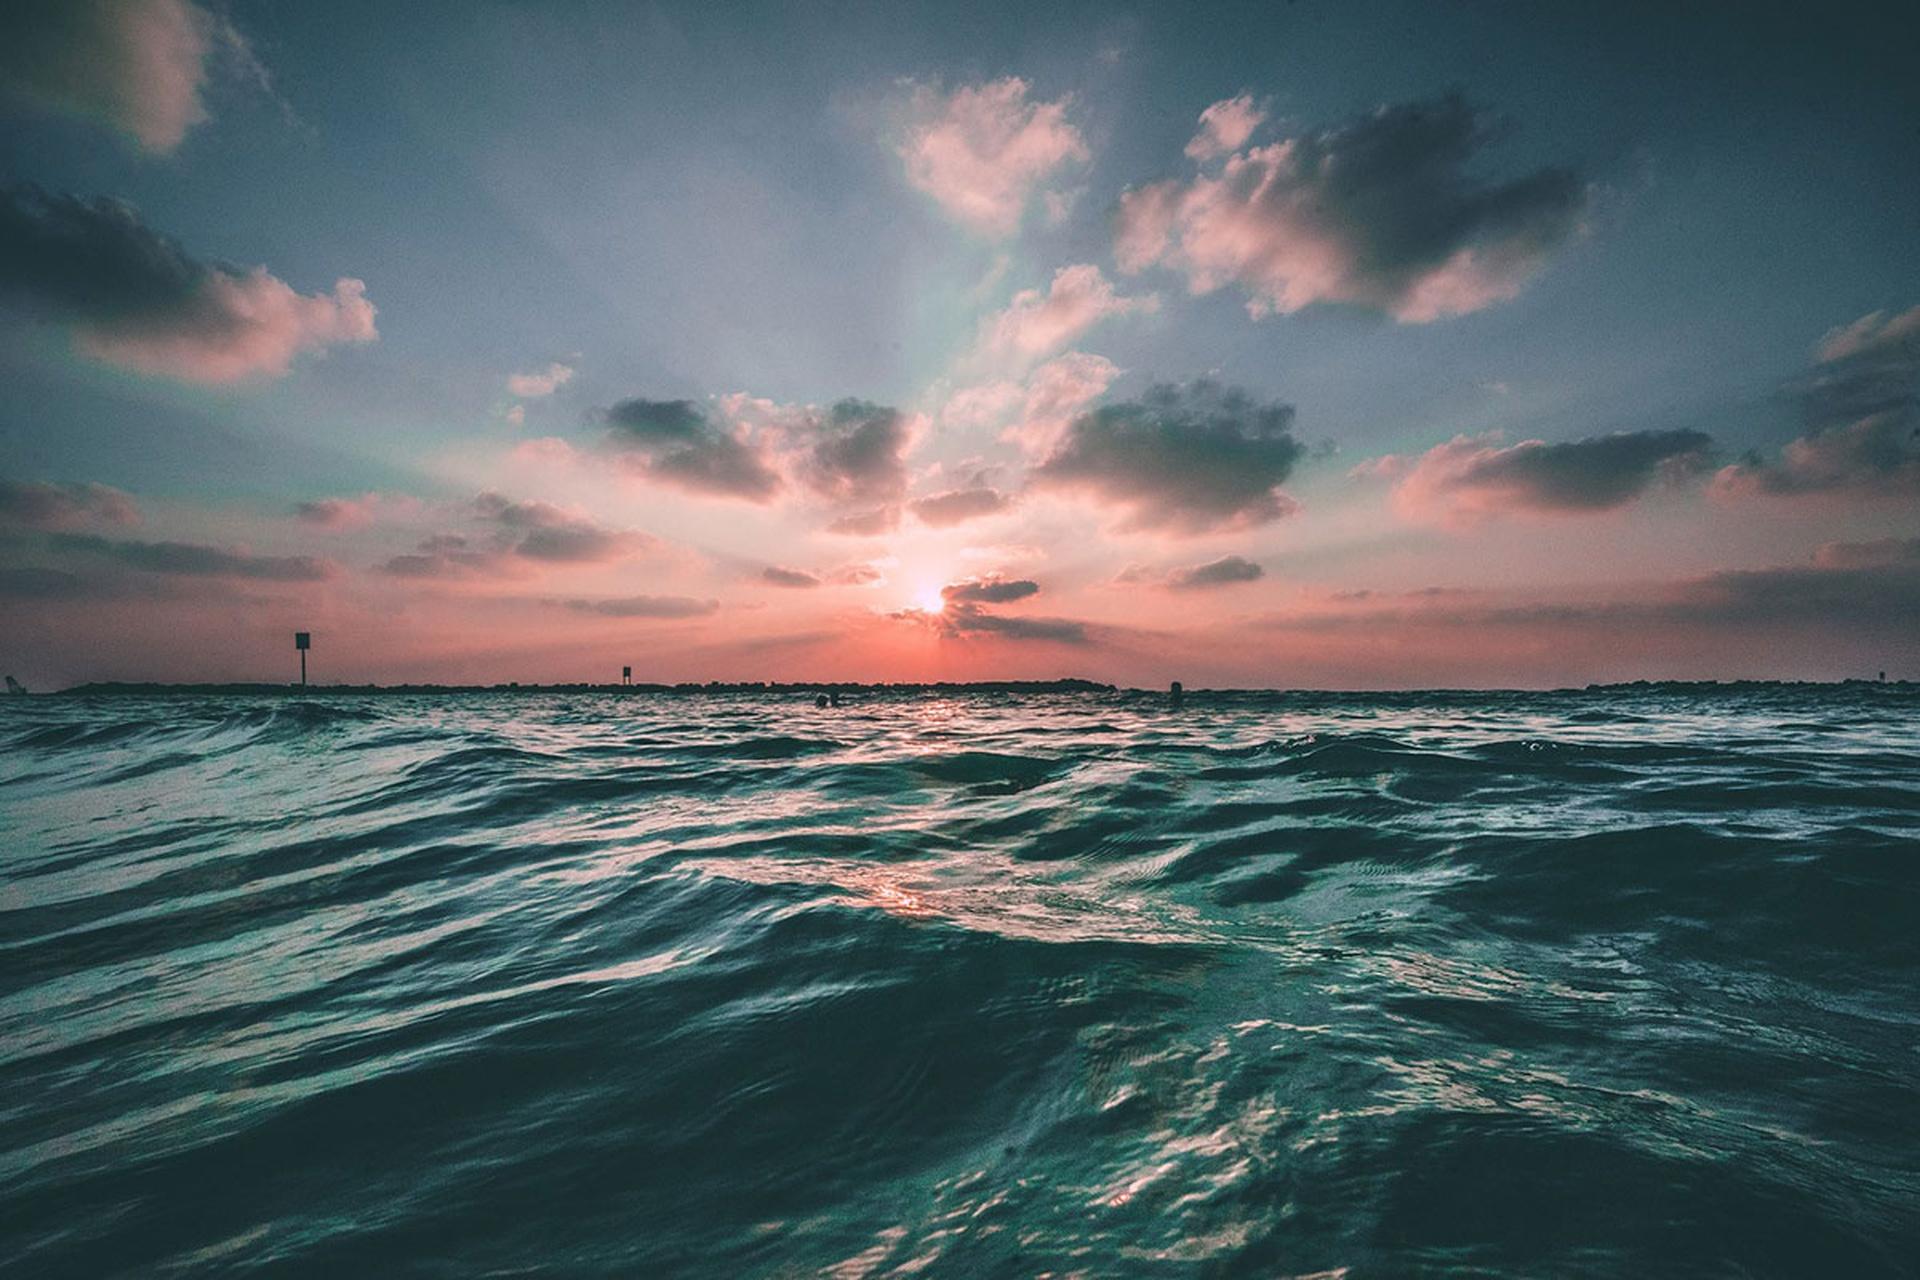 Científicos descubren un gigantesco y desconocido ciclo de hidrocarburos en los océanos